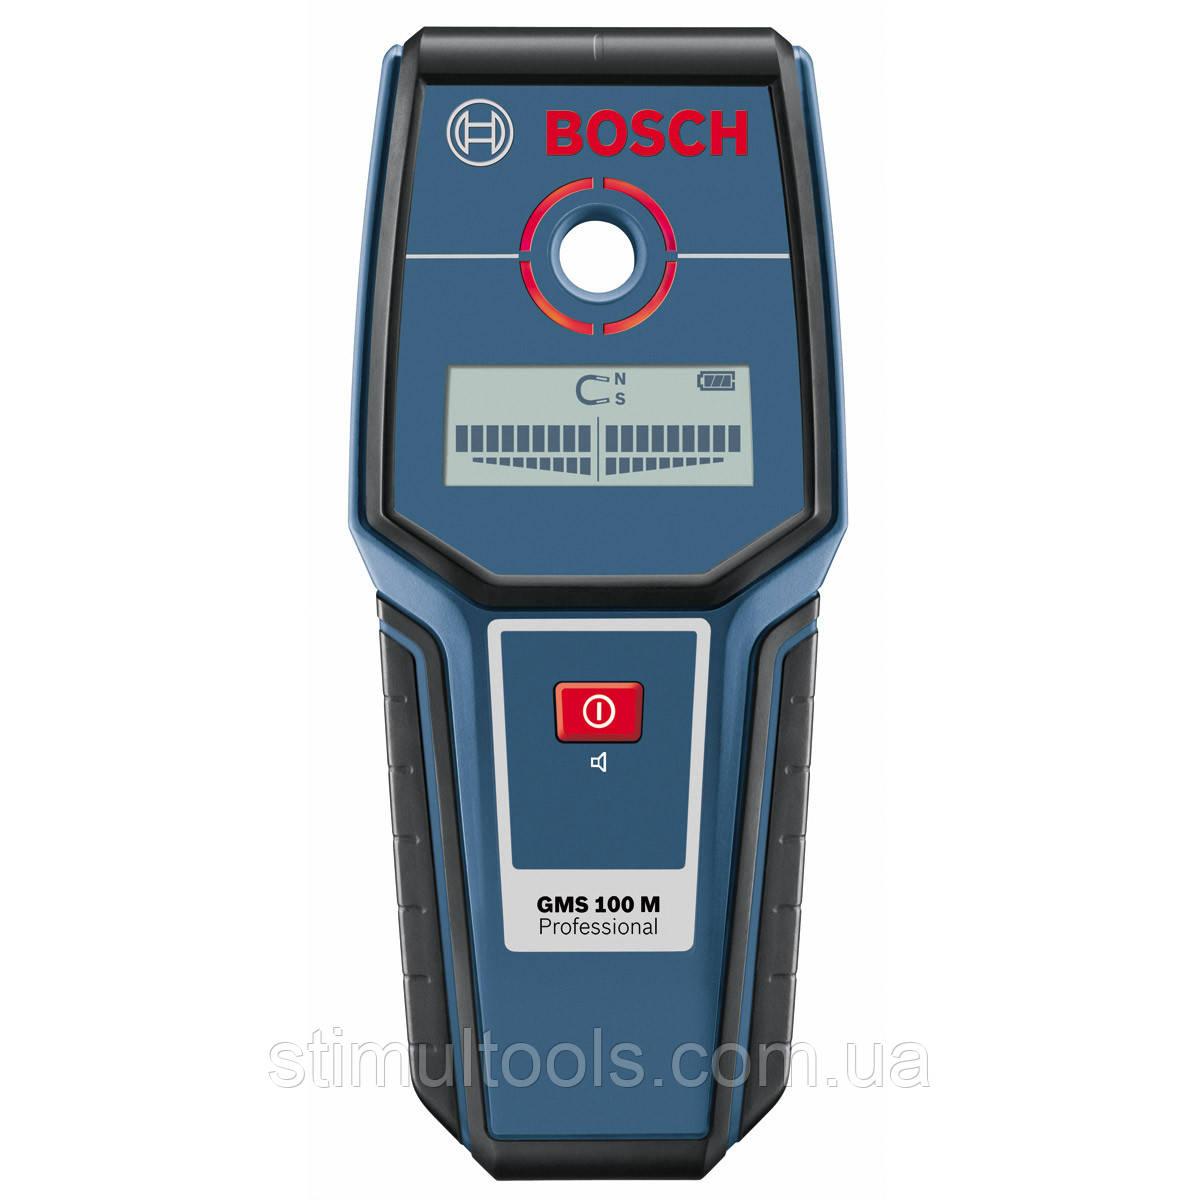 Цифровой детектор Bosch GMS 100 M